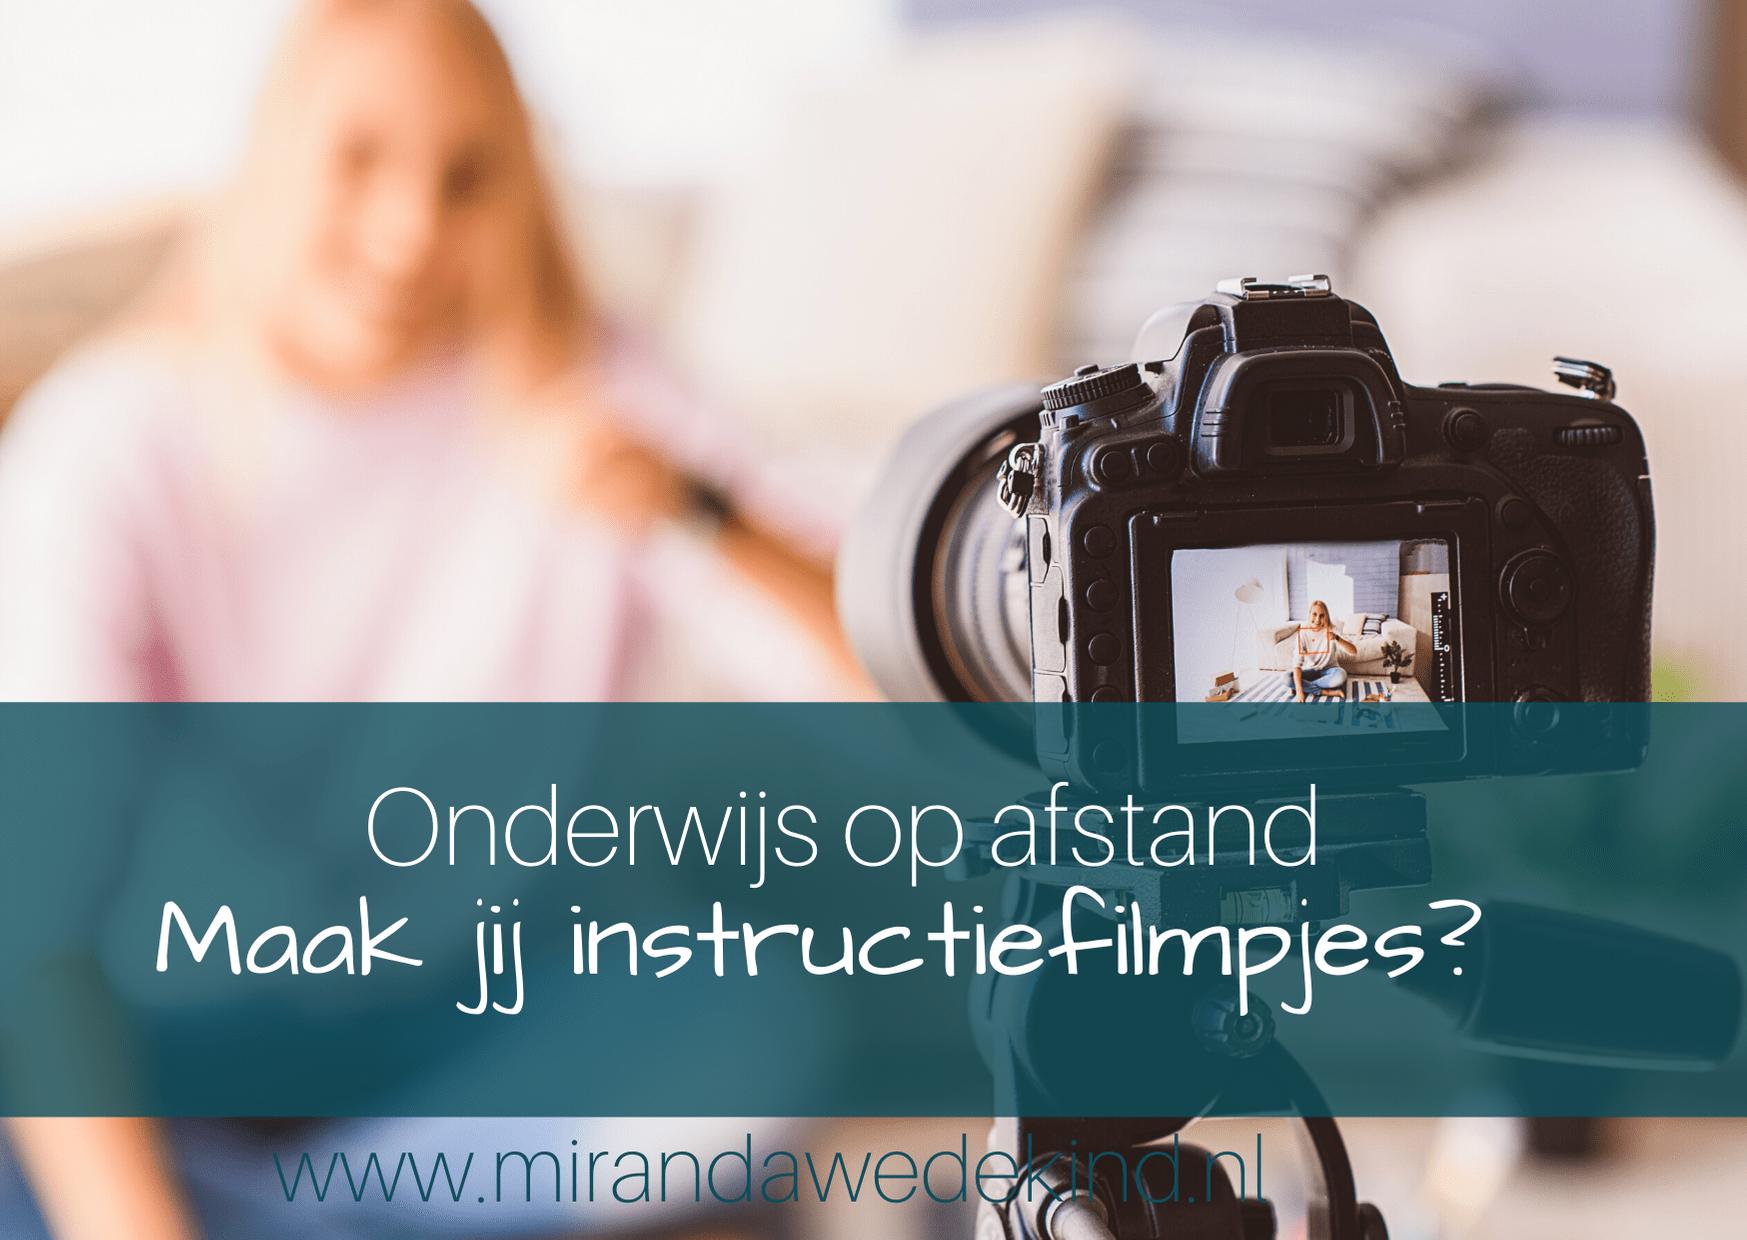 Onderwijs op afstand: instructiefilmpjes maken